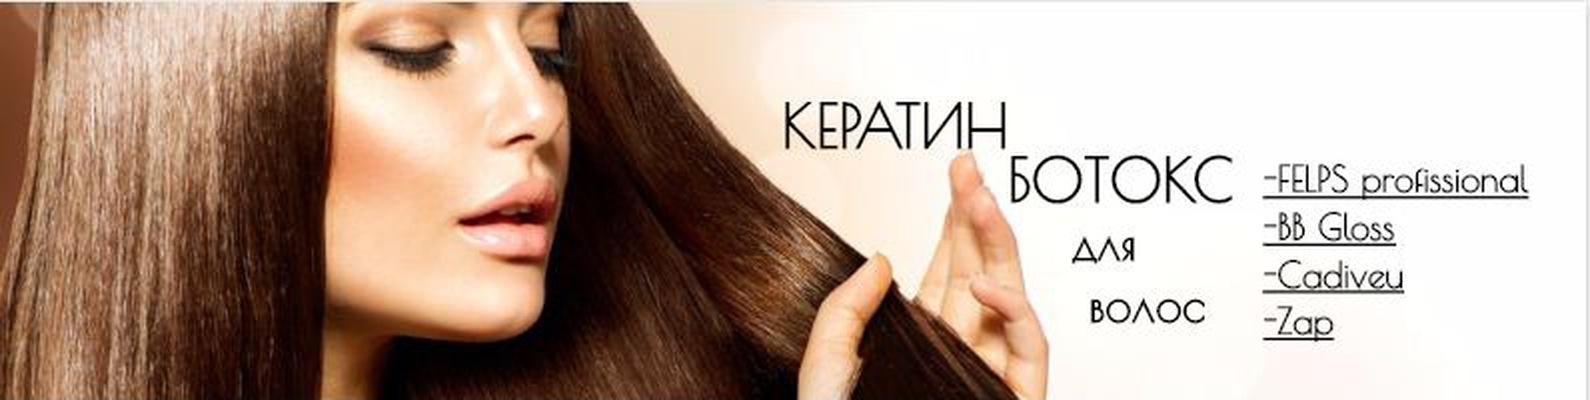 Инструкция для кератинового выпрямления волос в домашних условиях 31